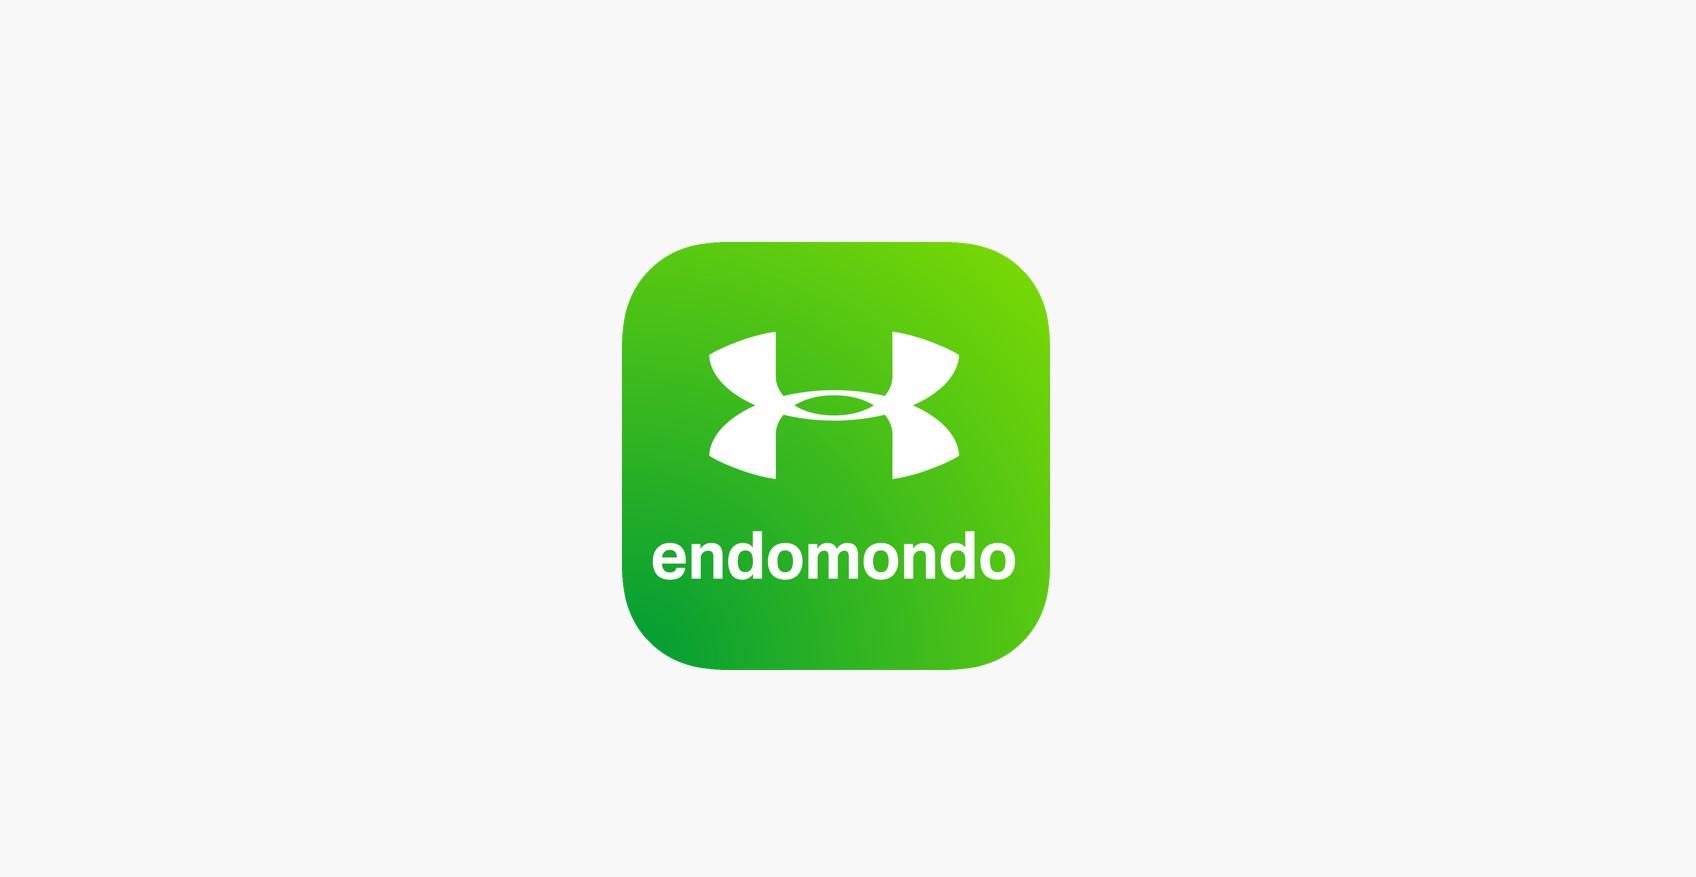 Aplikace Endomondo letos končí, nabízí se alternativa